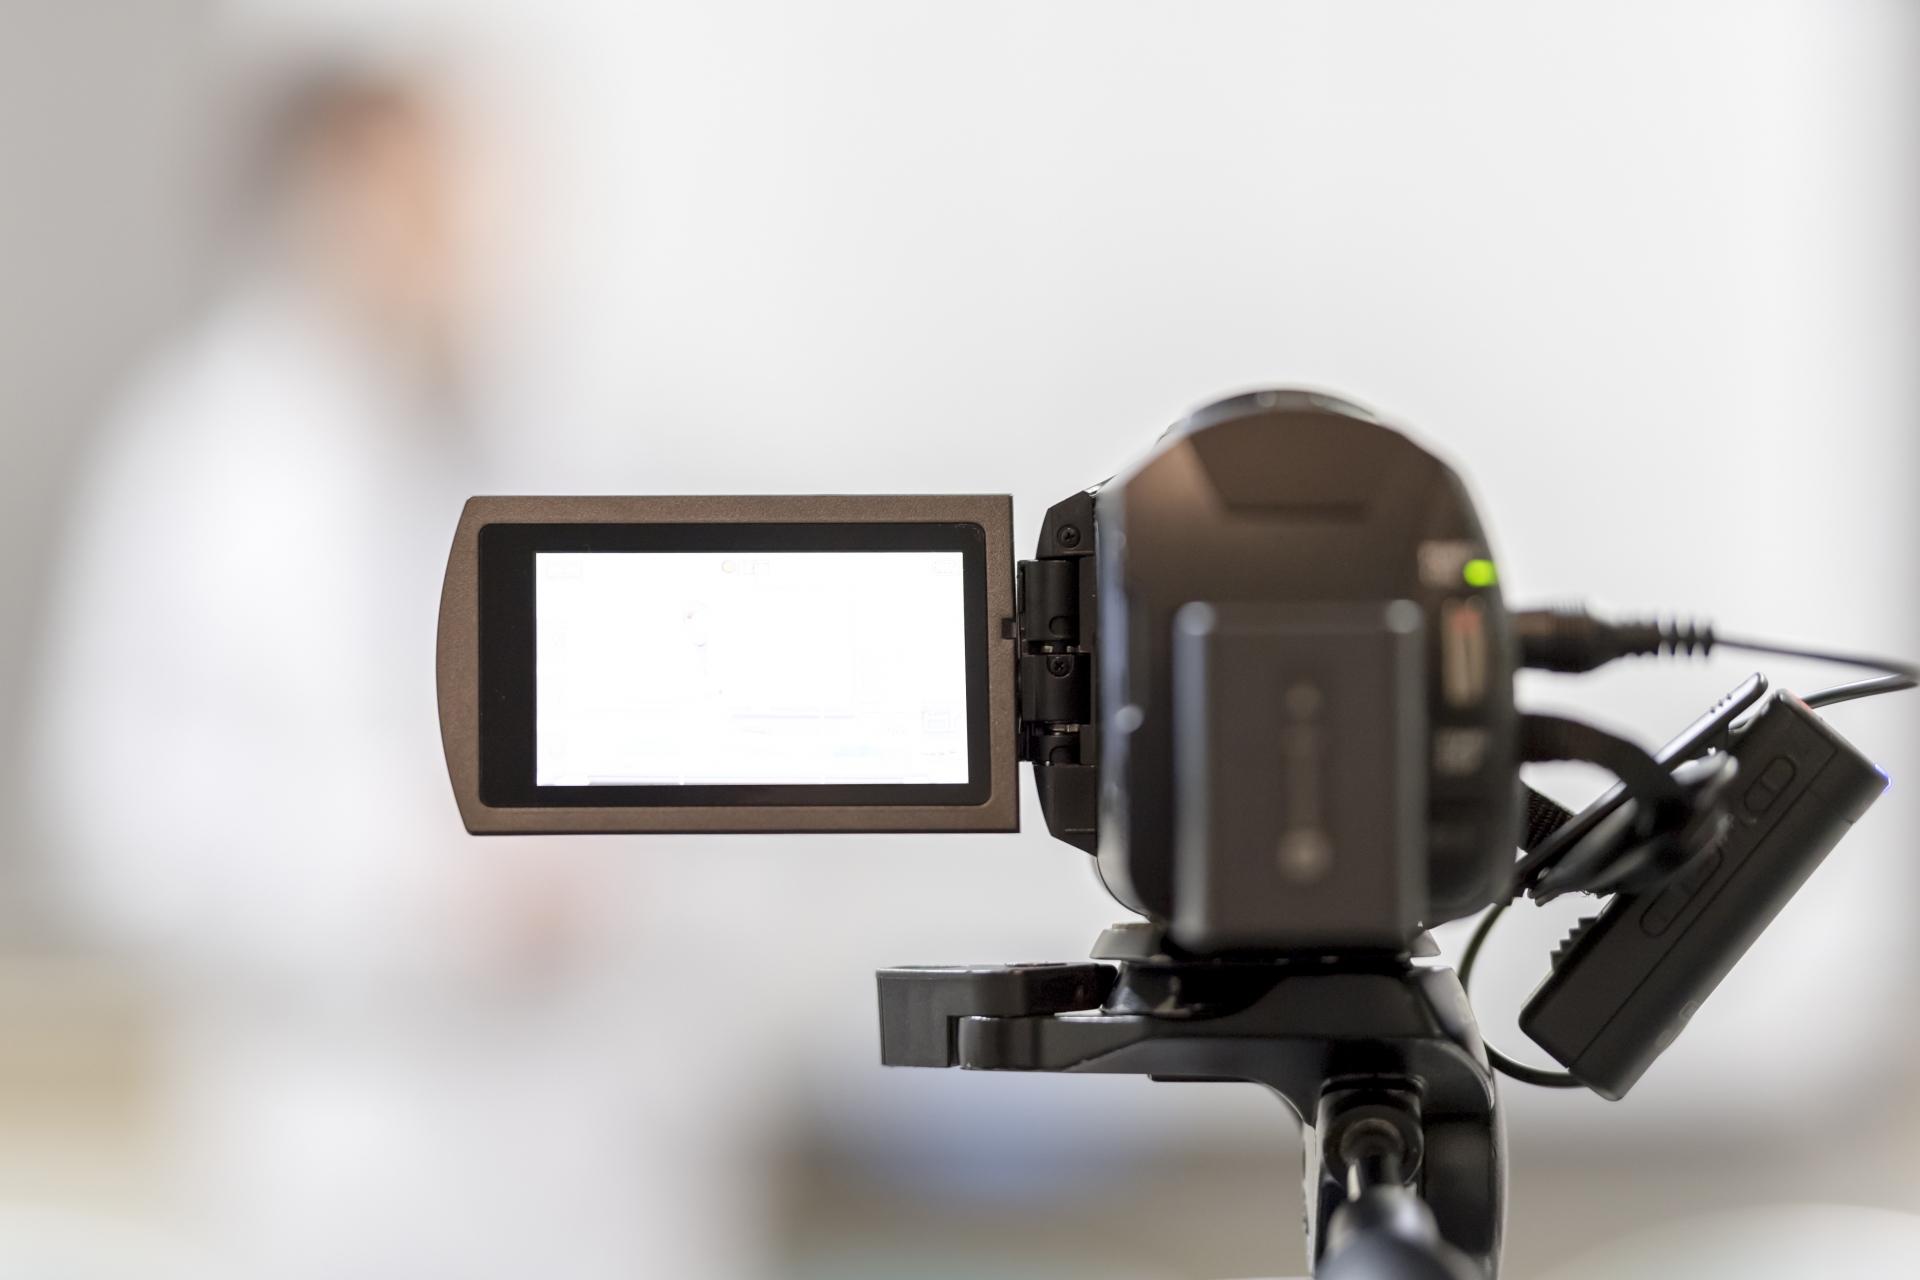 ビデオカメラのおすすめ4選!手ブレ補正付きも【2020年版】